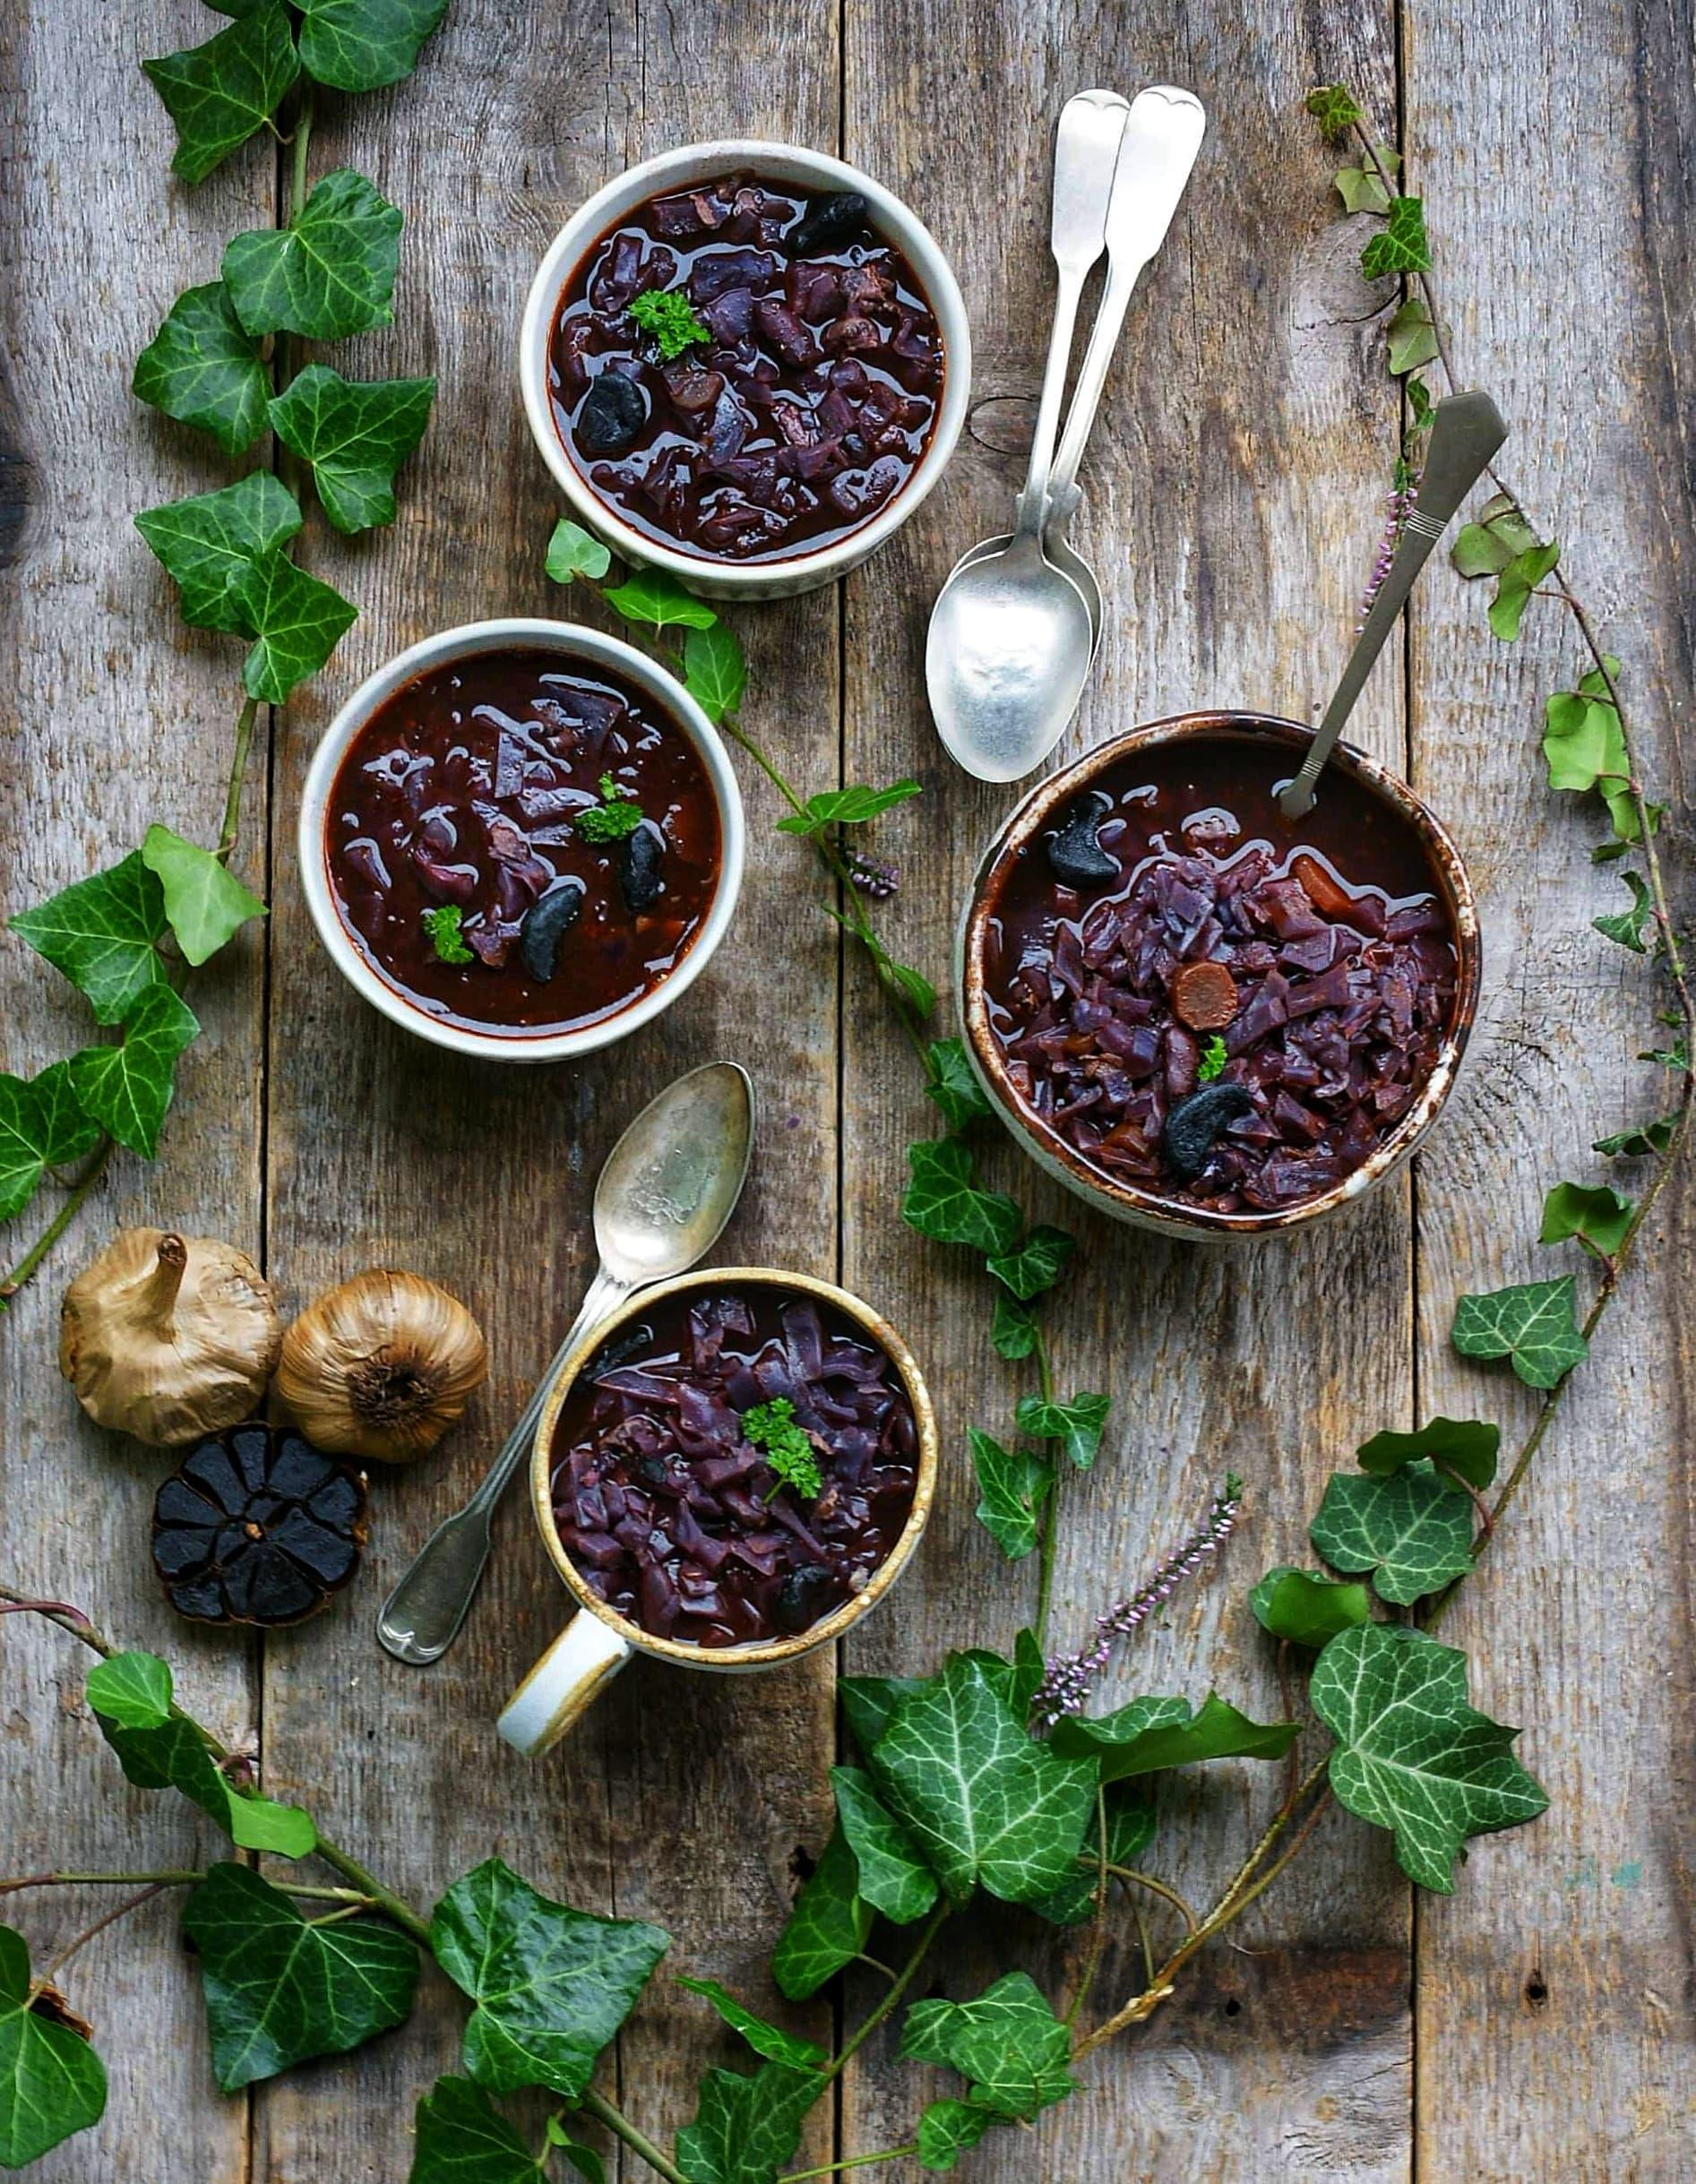 Jesienna zupa z modrej kapusty